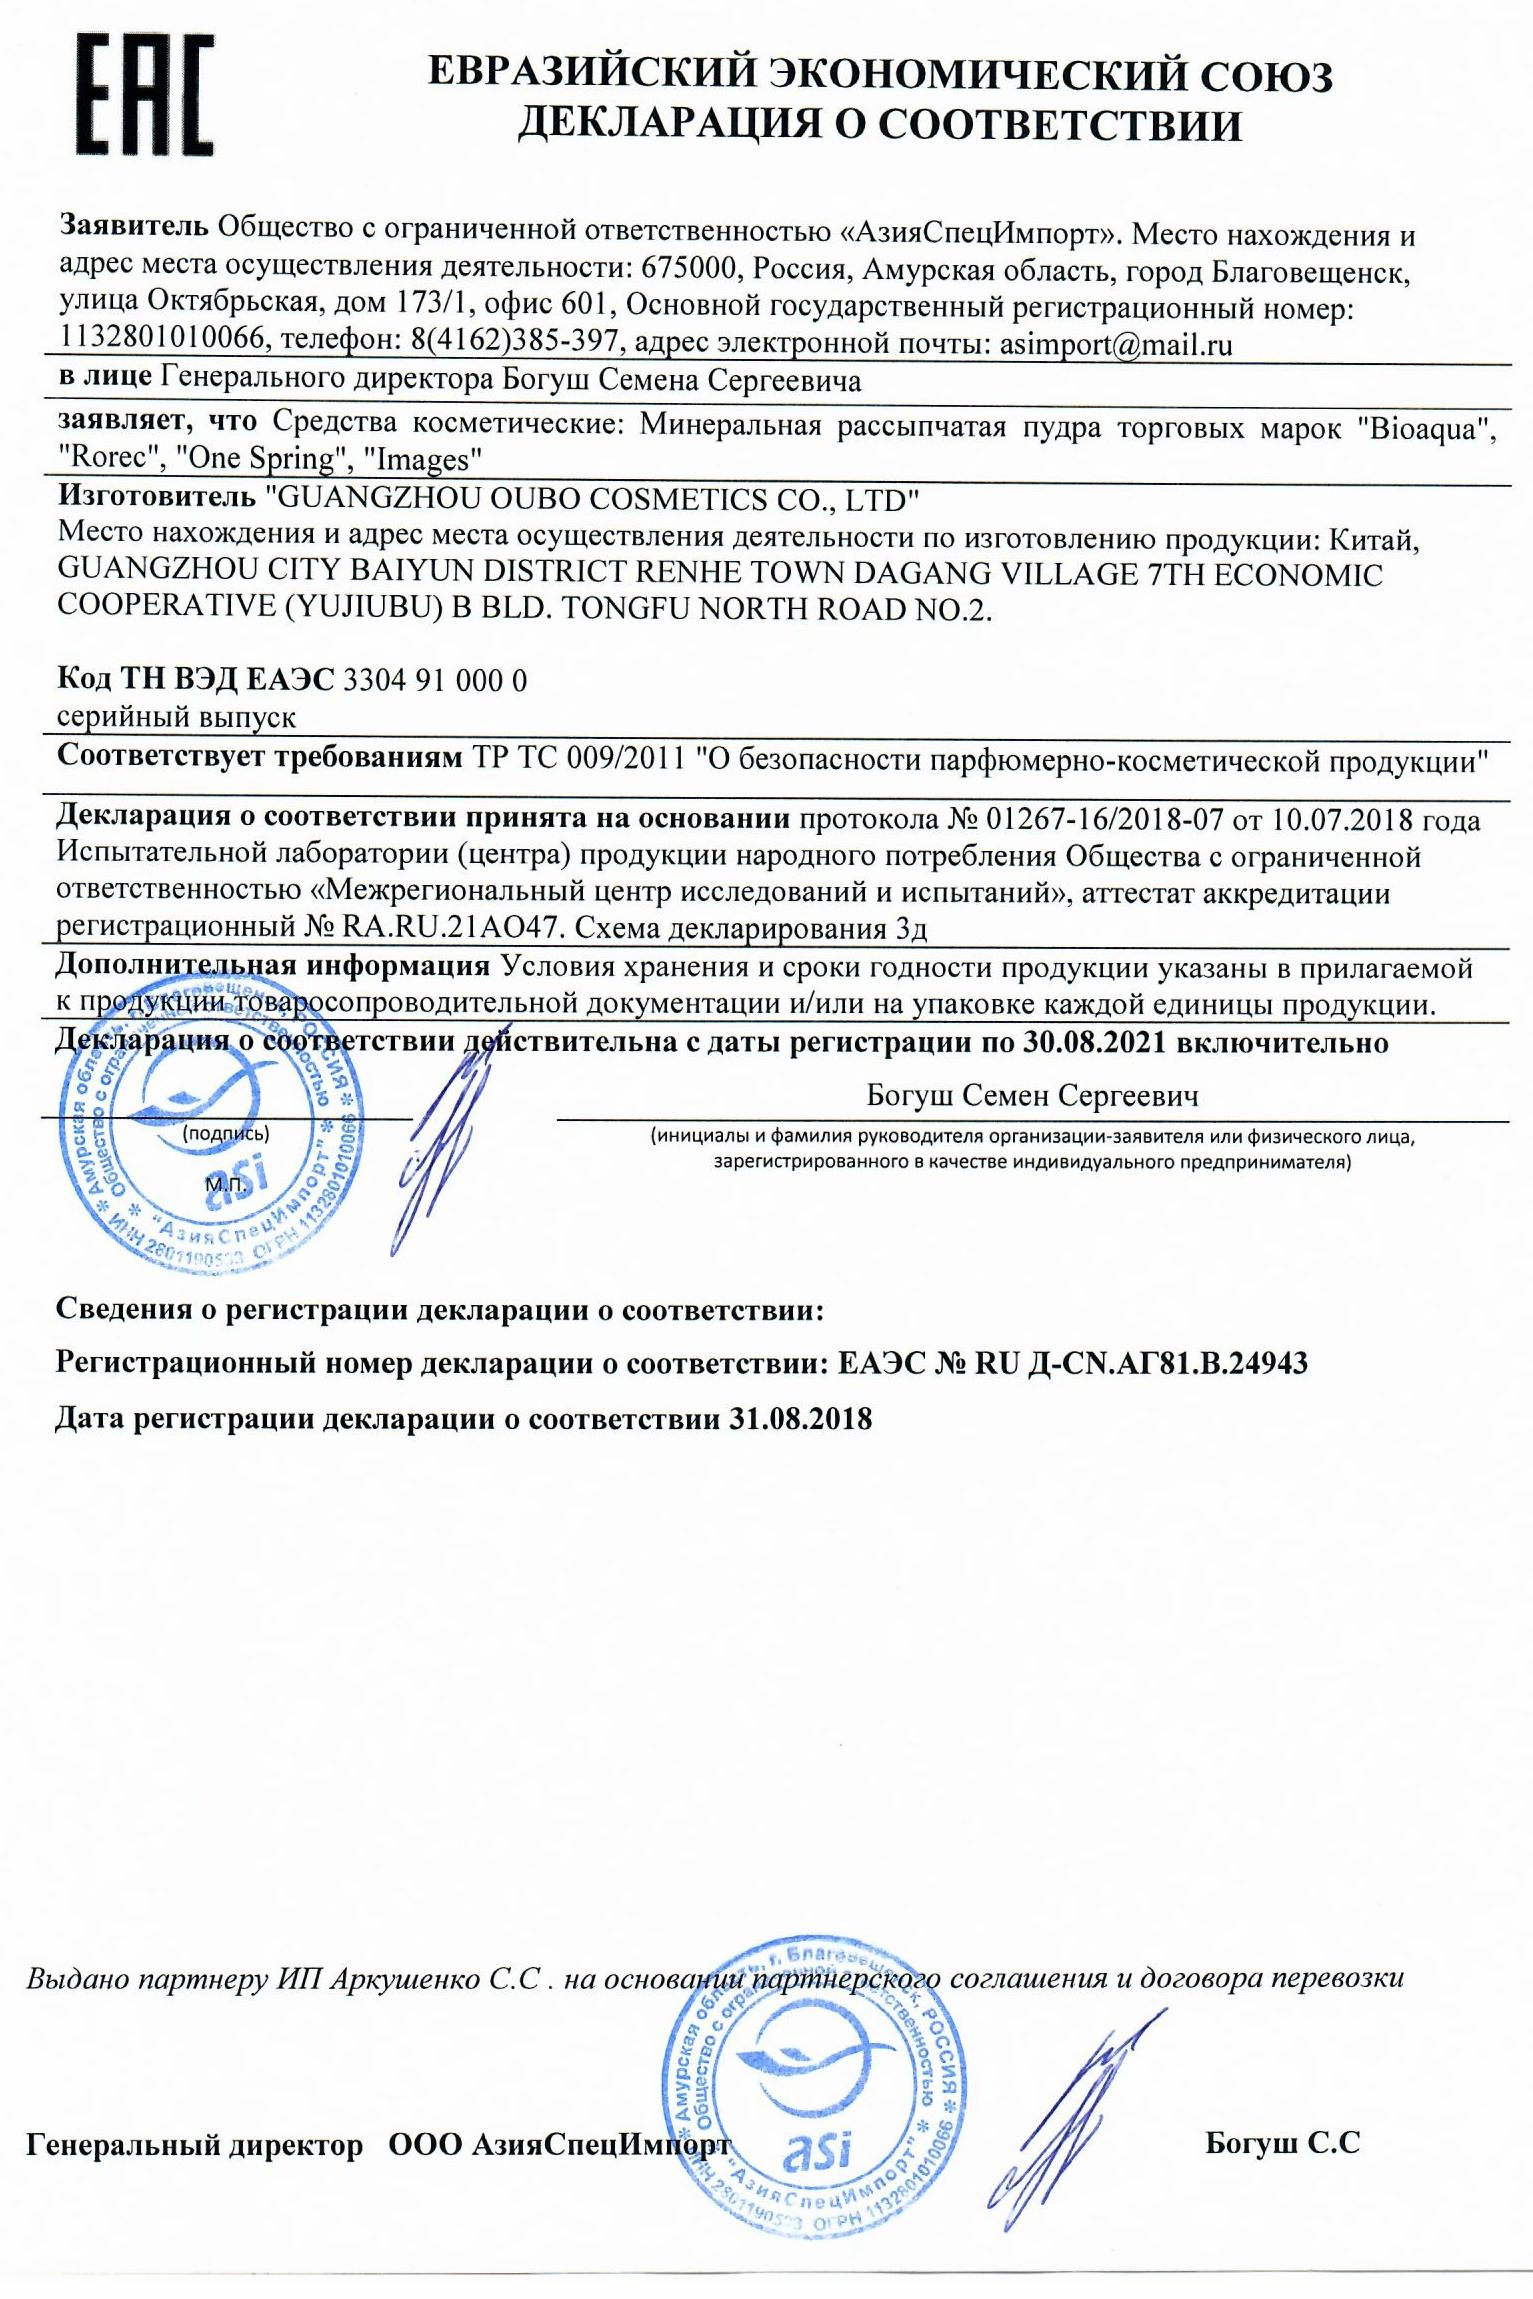 3._Минеральная_расыпчатая_пудра.jpg